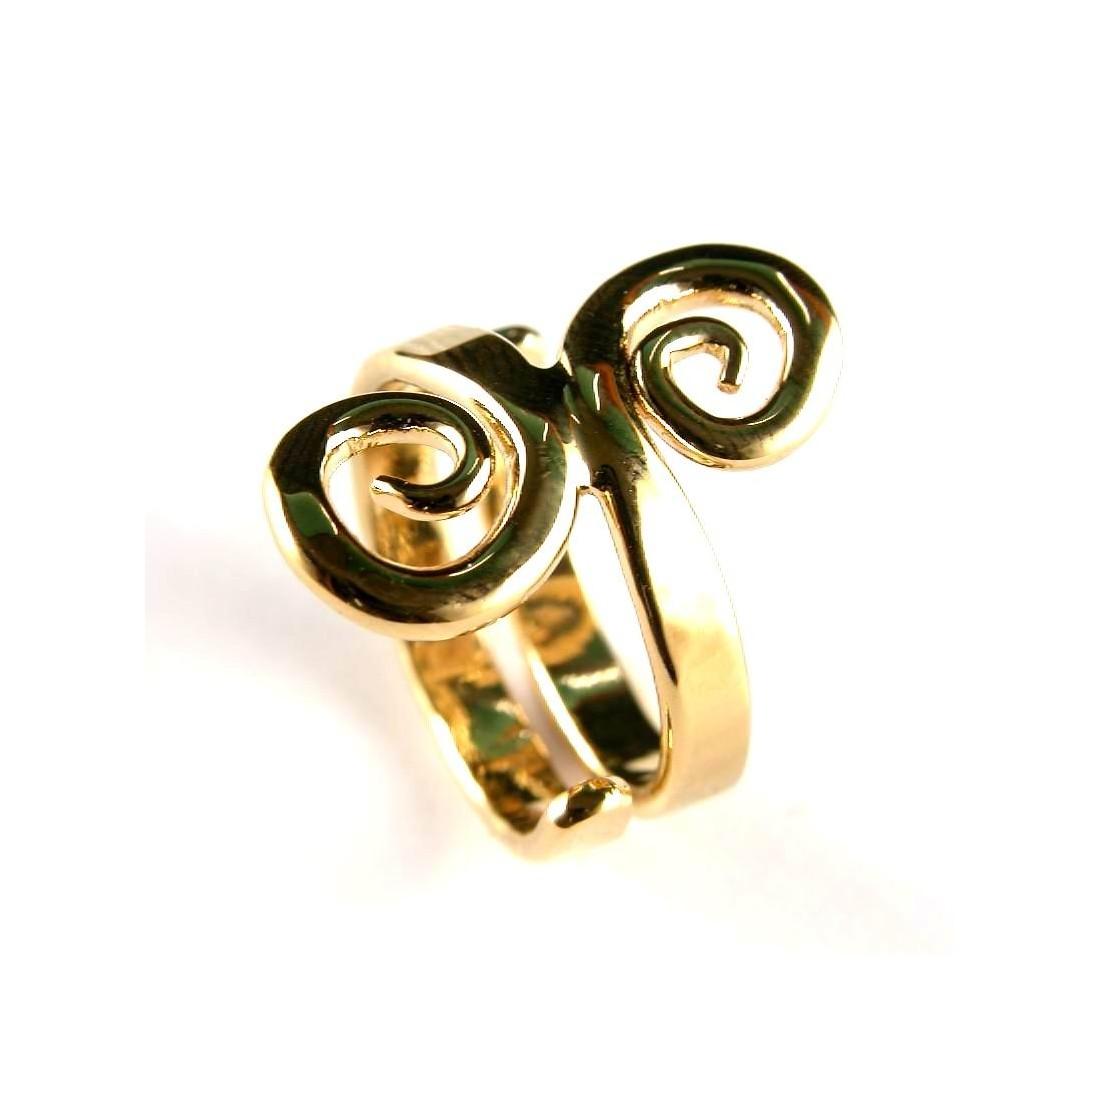 Bague fantaisie plaquée or en forme de deux spirales